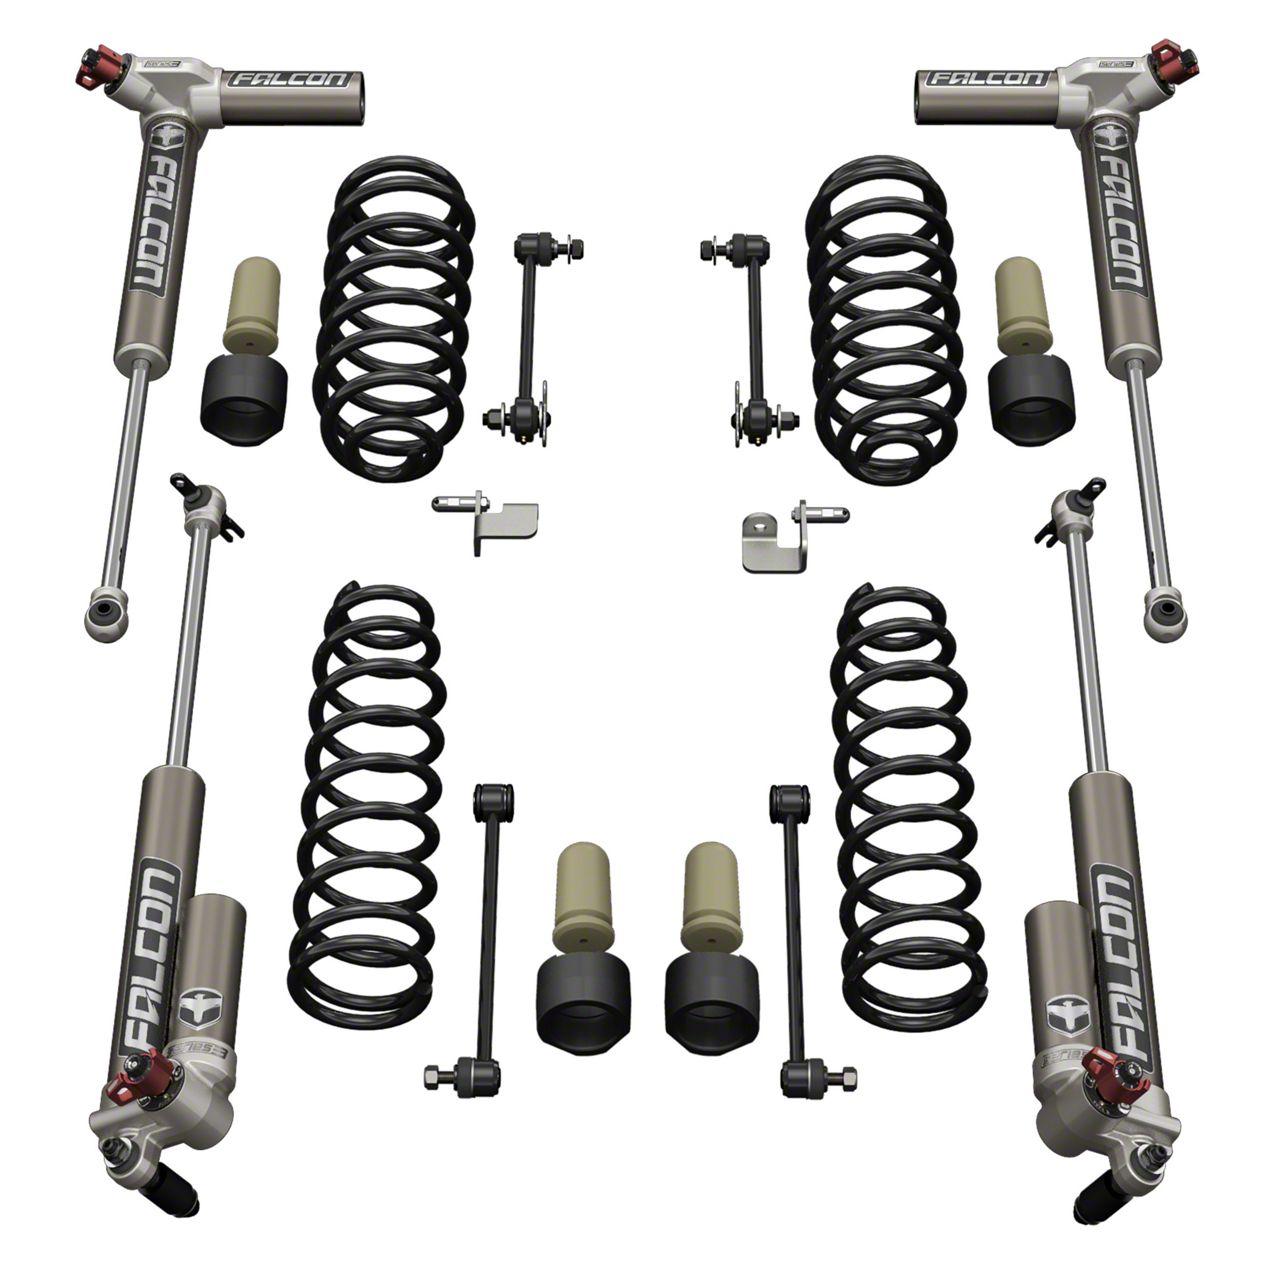 Teraflex 1.5 in. Sport S/T1 Suspension Lift Kit w/ 3.3 Falcon Shocks (07-18 Jeep Wrangler JK 2 Door)